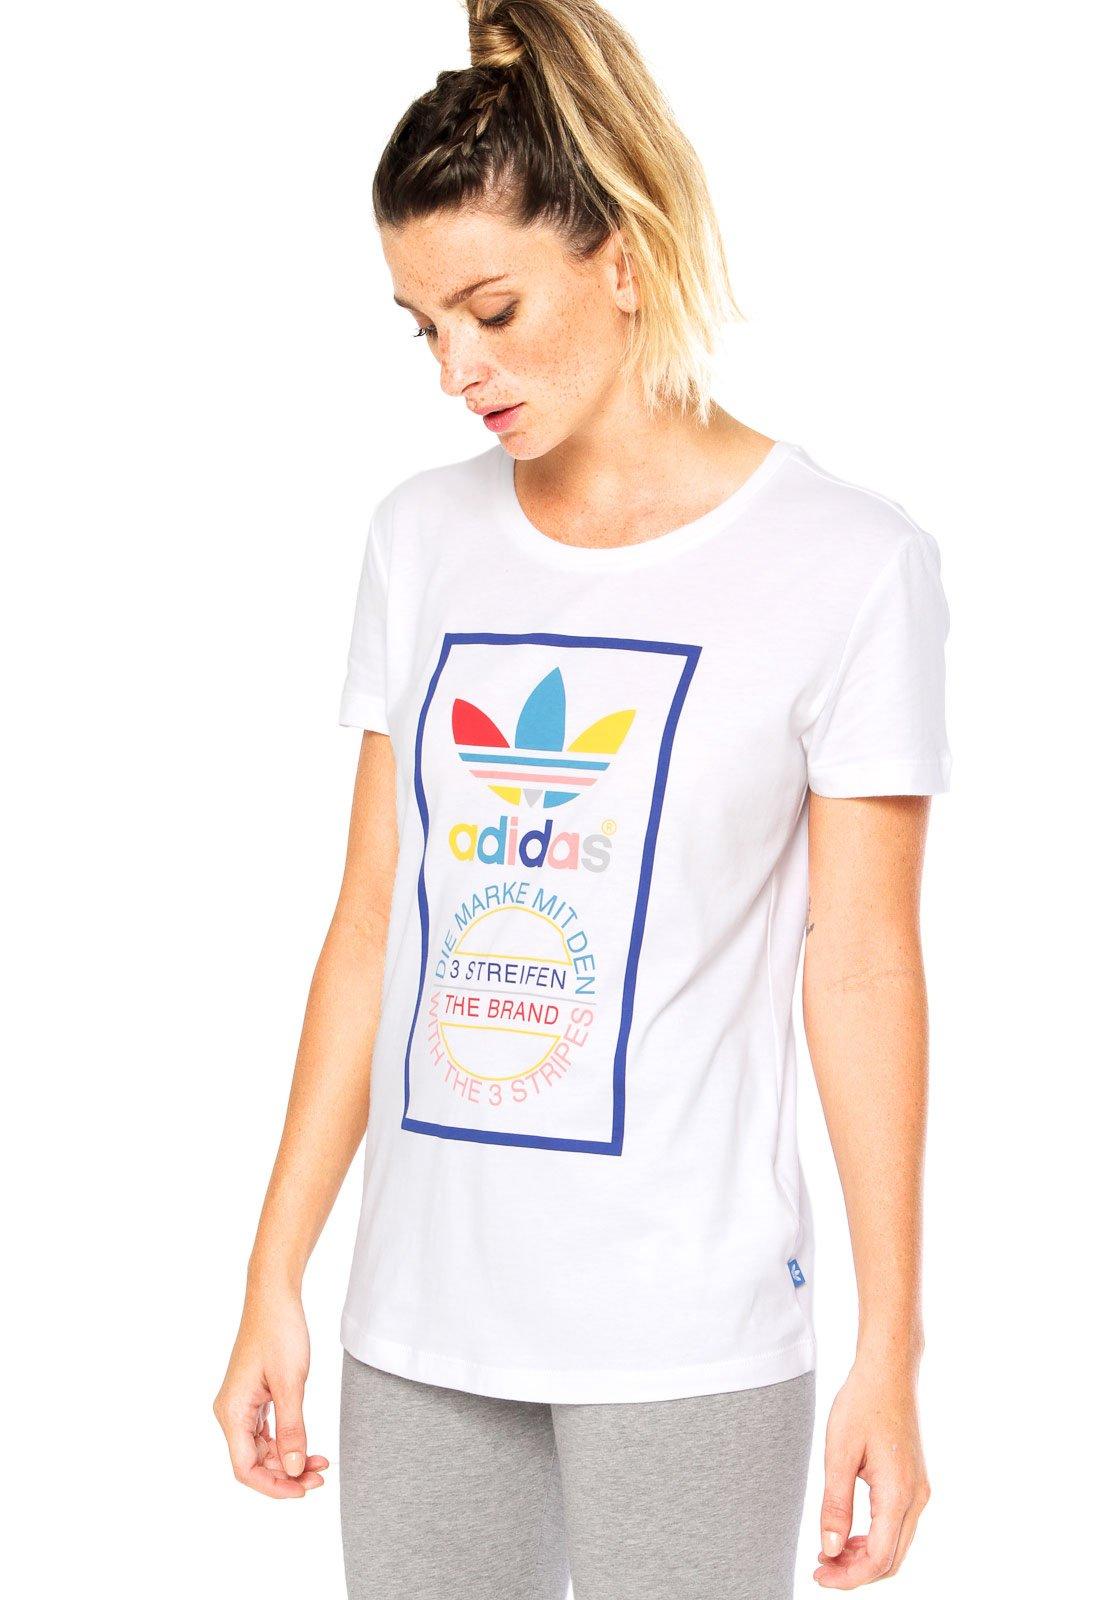 7eb7d74b3e6 Camiseta Manga Curta adidas Originals Tongue Label Slim Branca - Compre  Agora